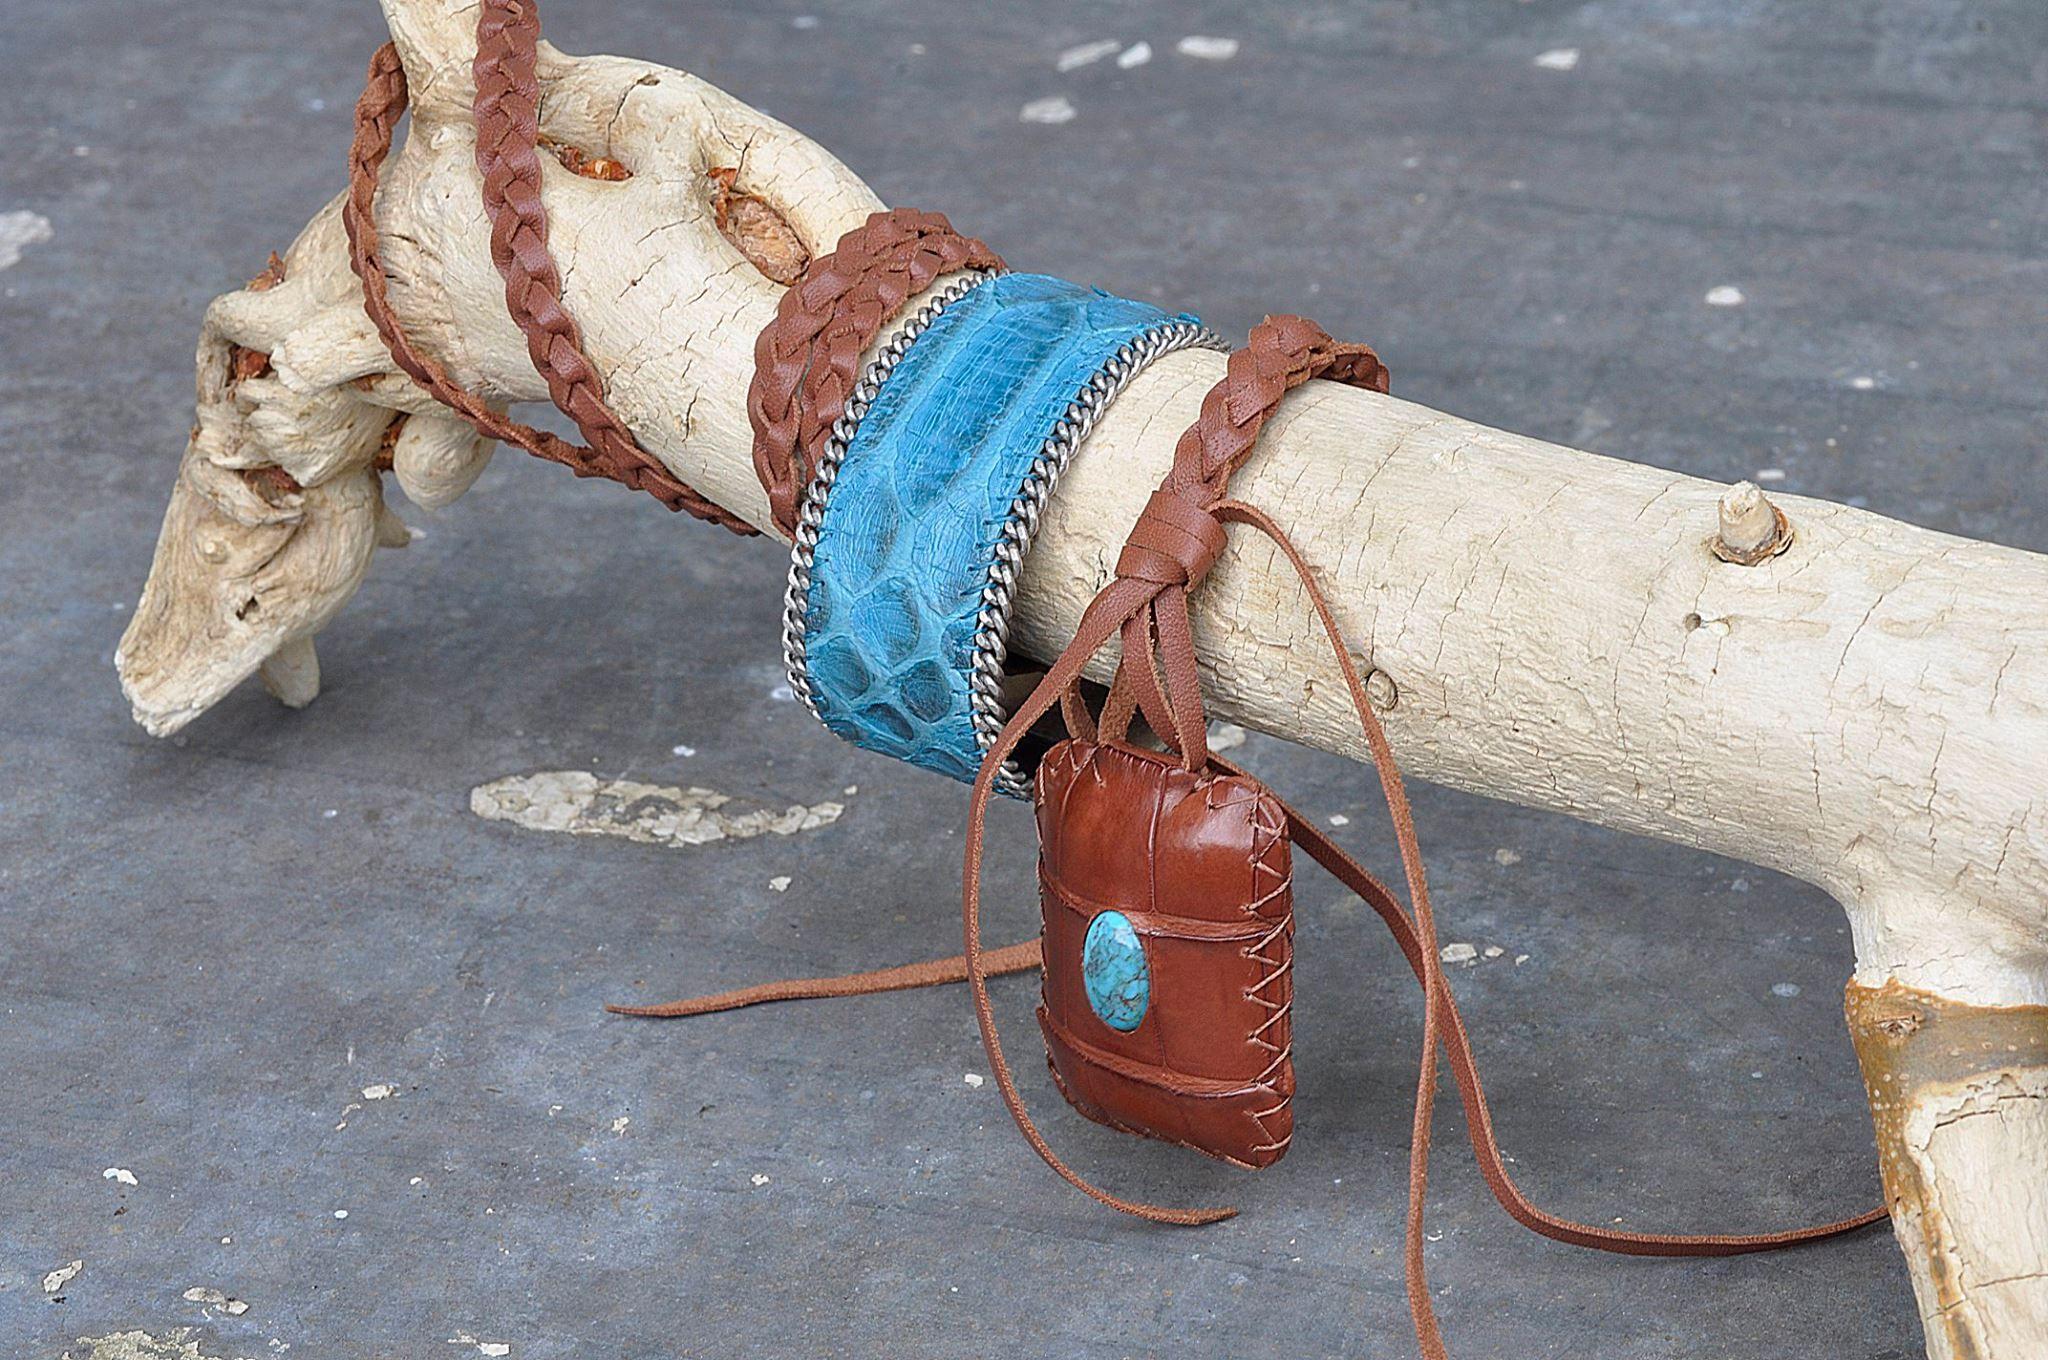 Collier en cuir marron et pierre turquoise. Manchette en python turquoise.